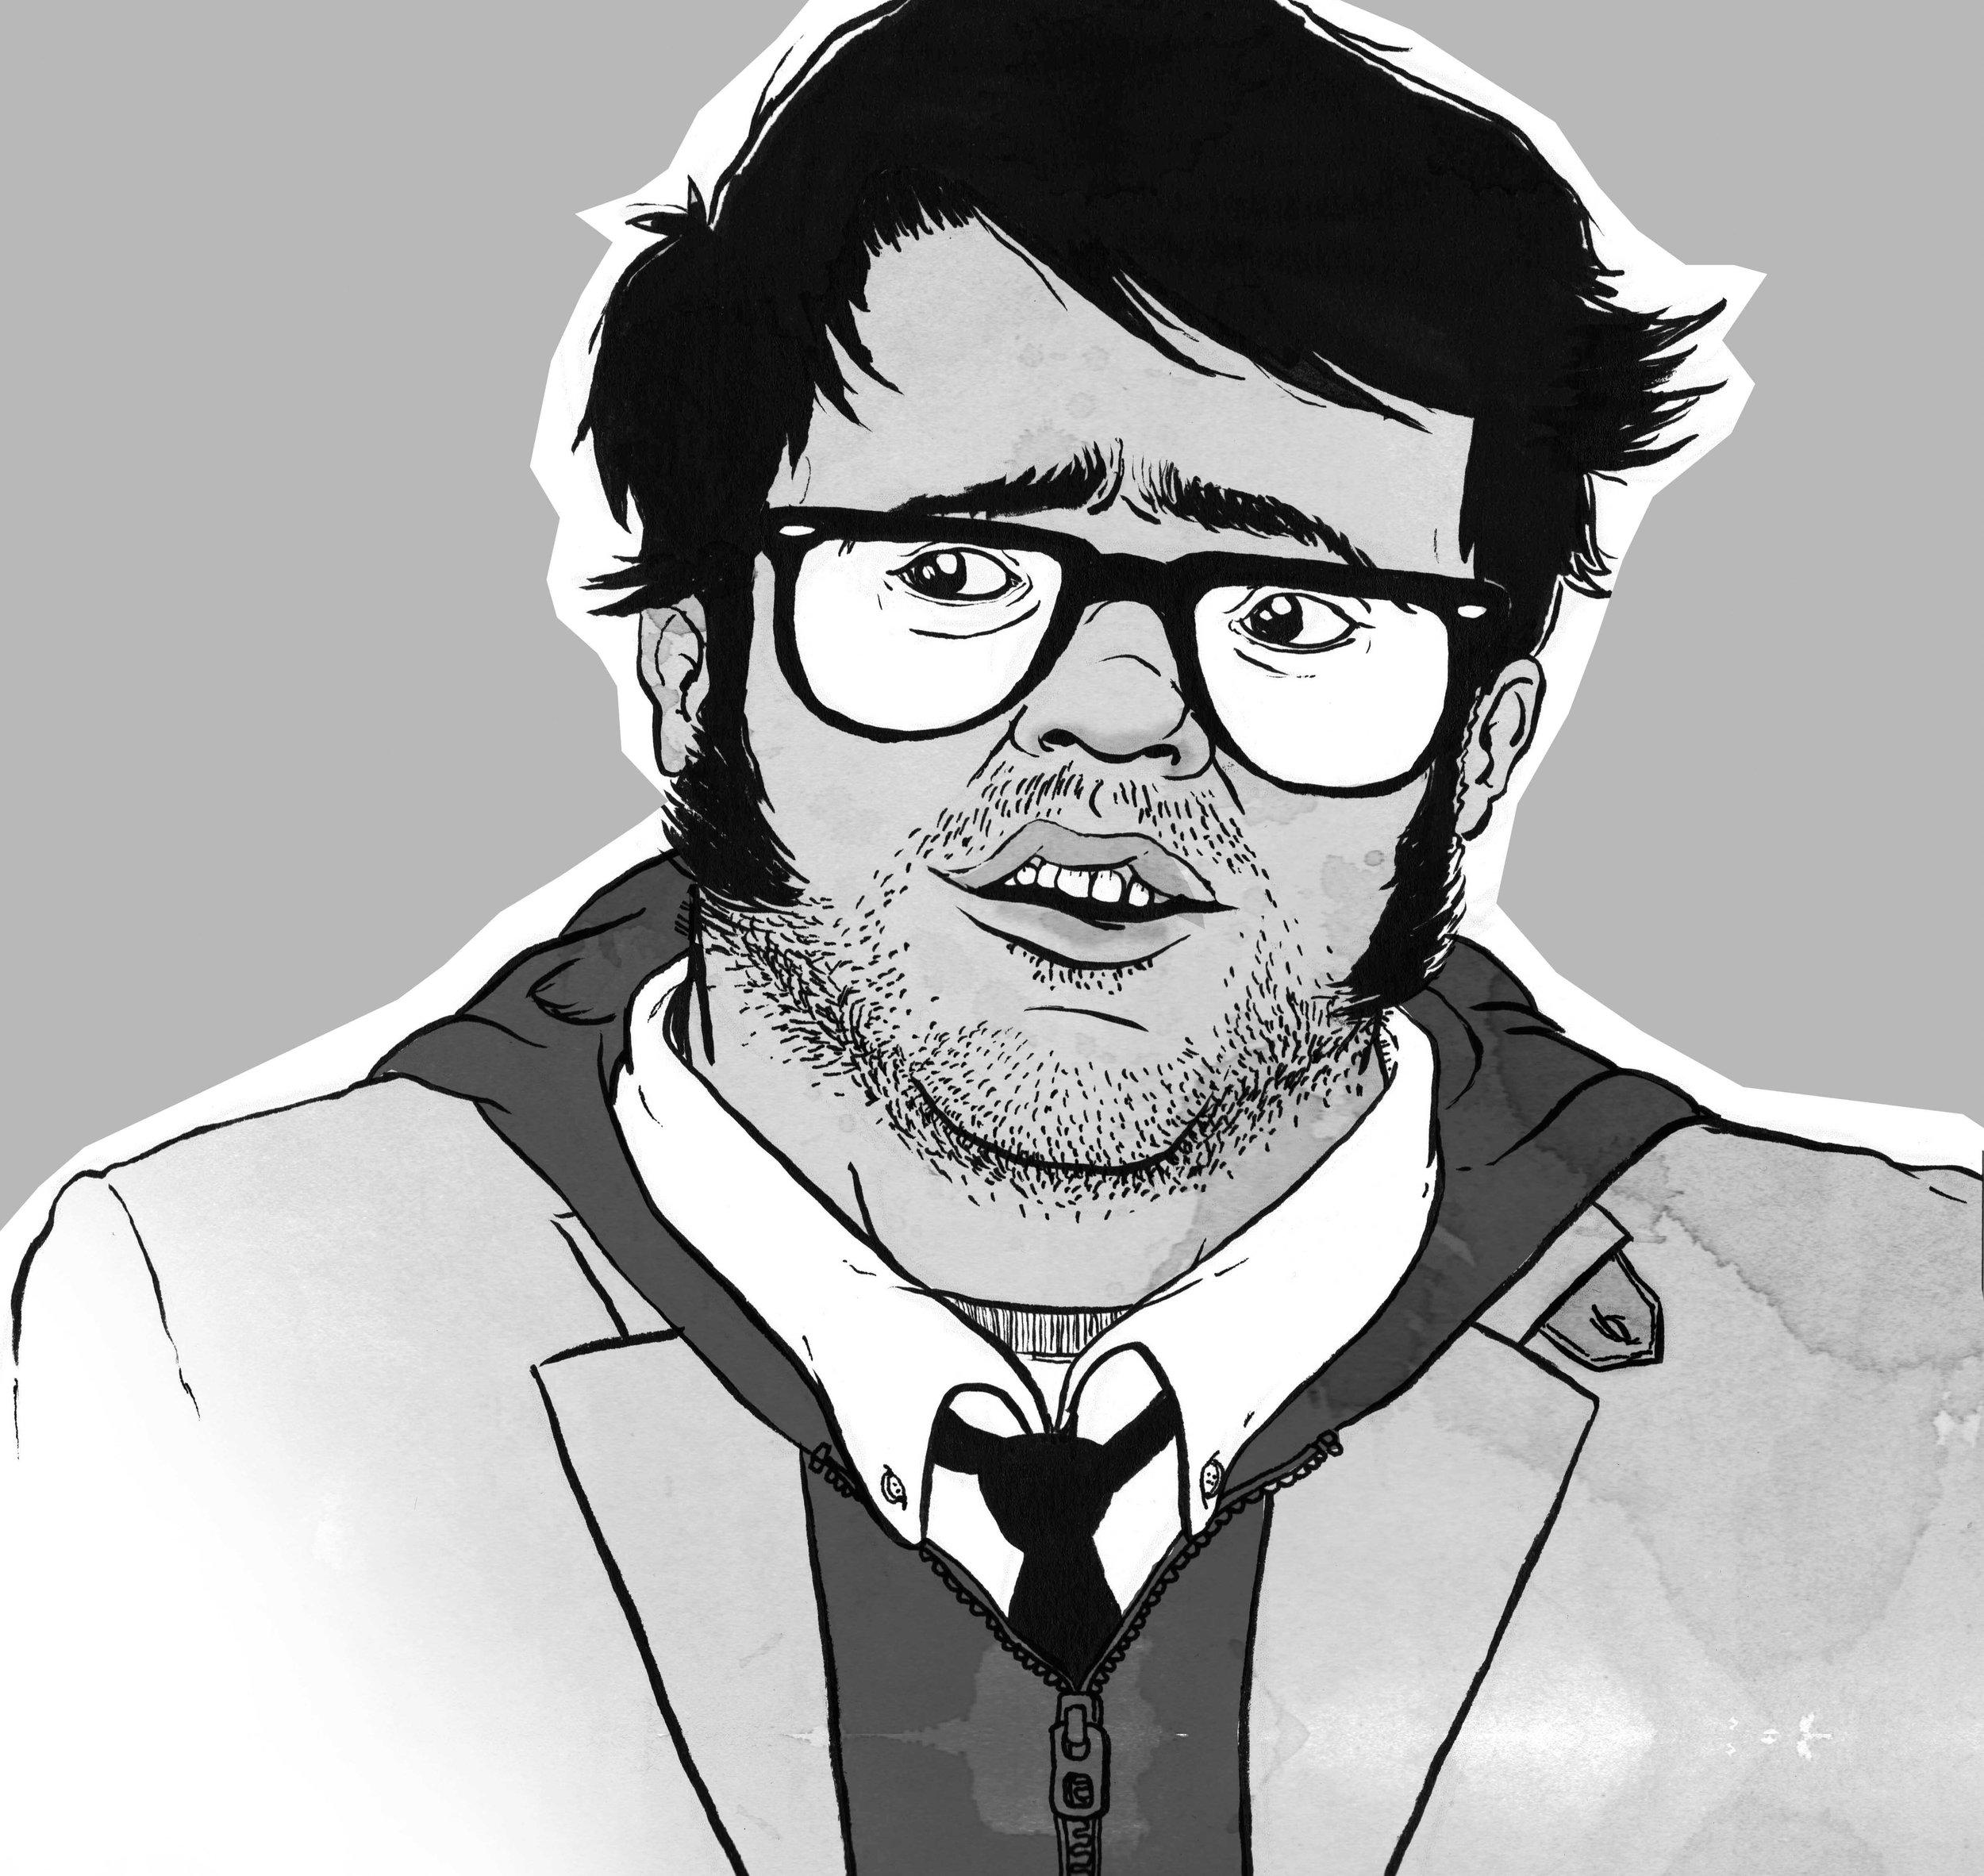 Self-portrait? Or sexy buff-boy illustration? You decide.